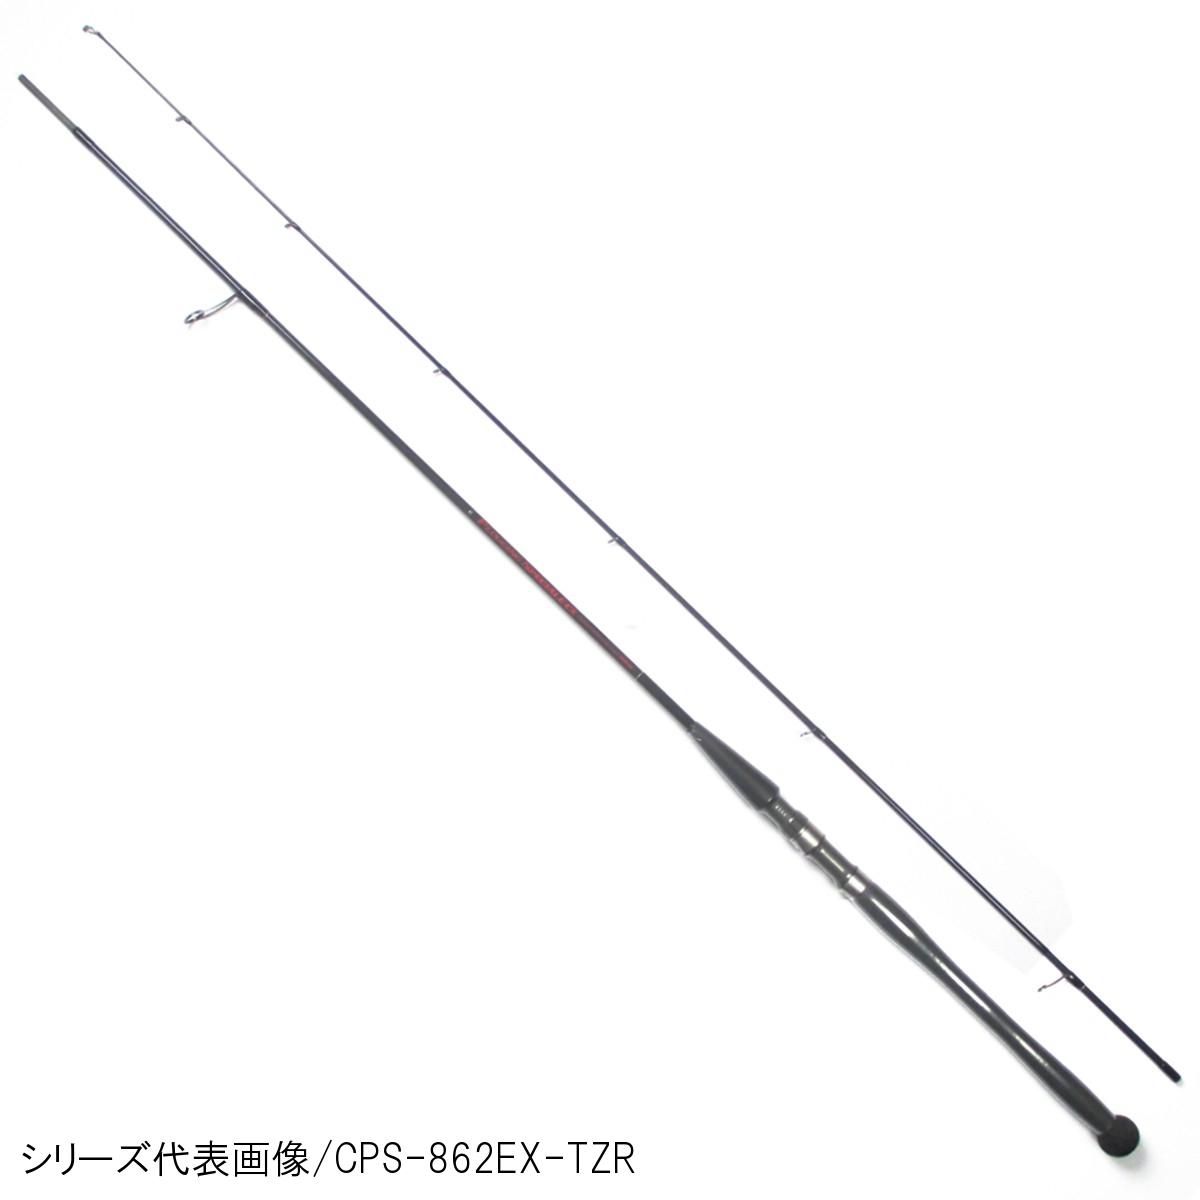 プラッキング・スペチアーレ CPS-102EX-TZR【大型商品】【送料無料】